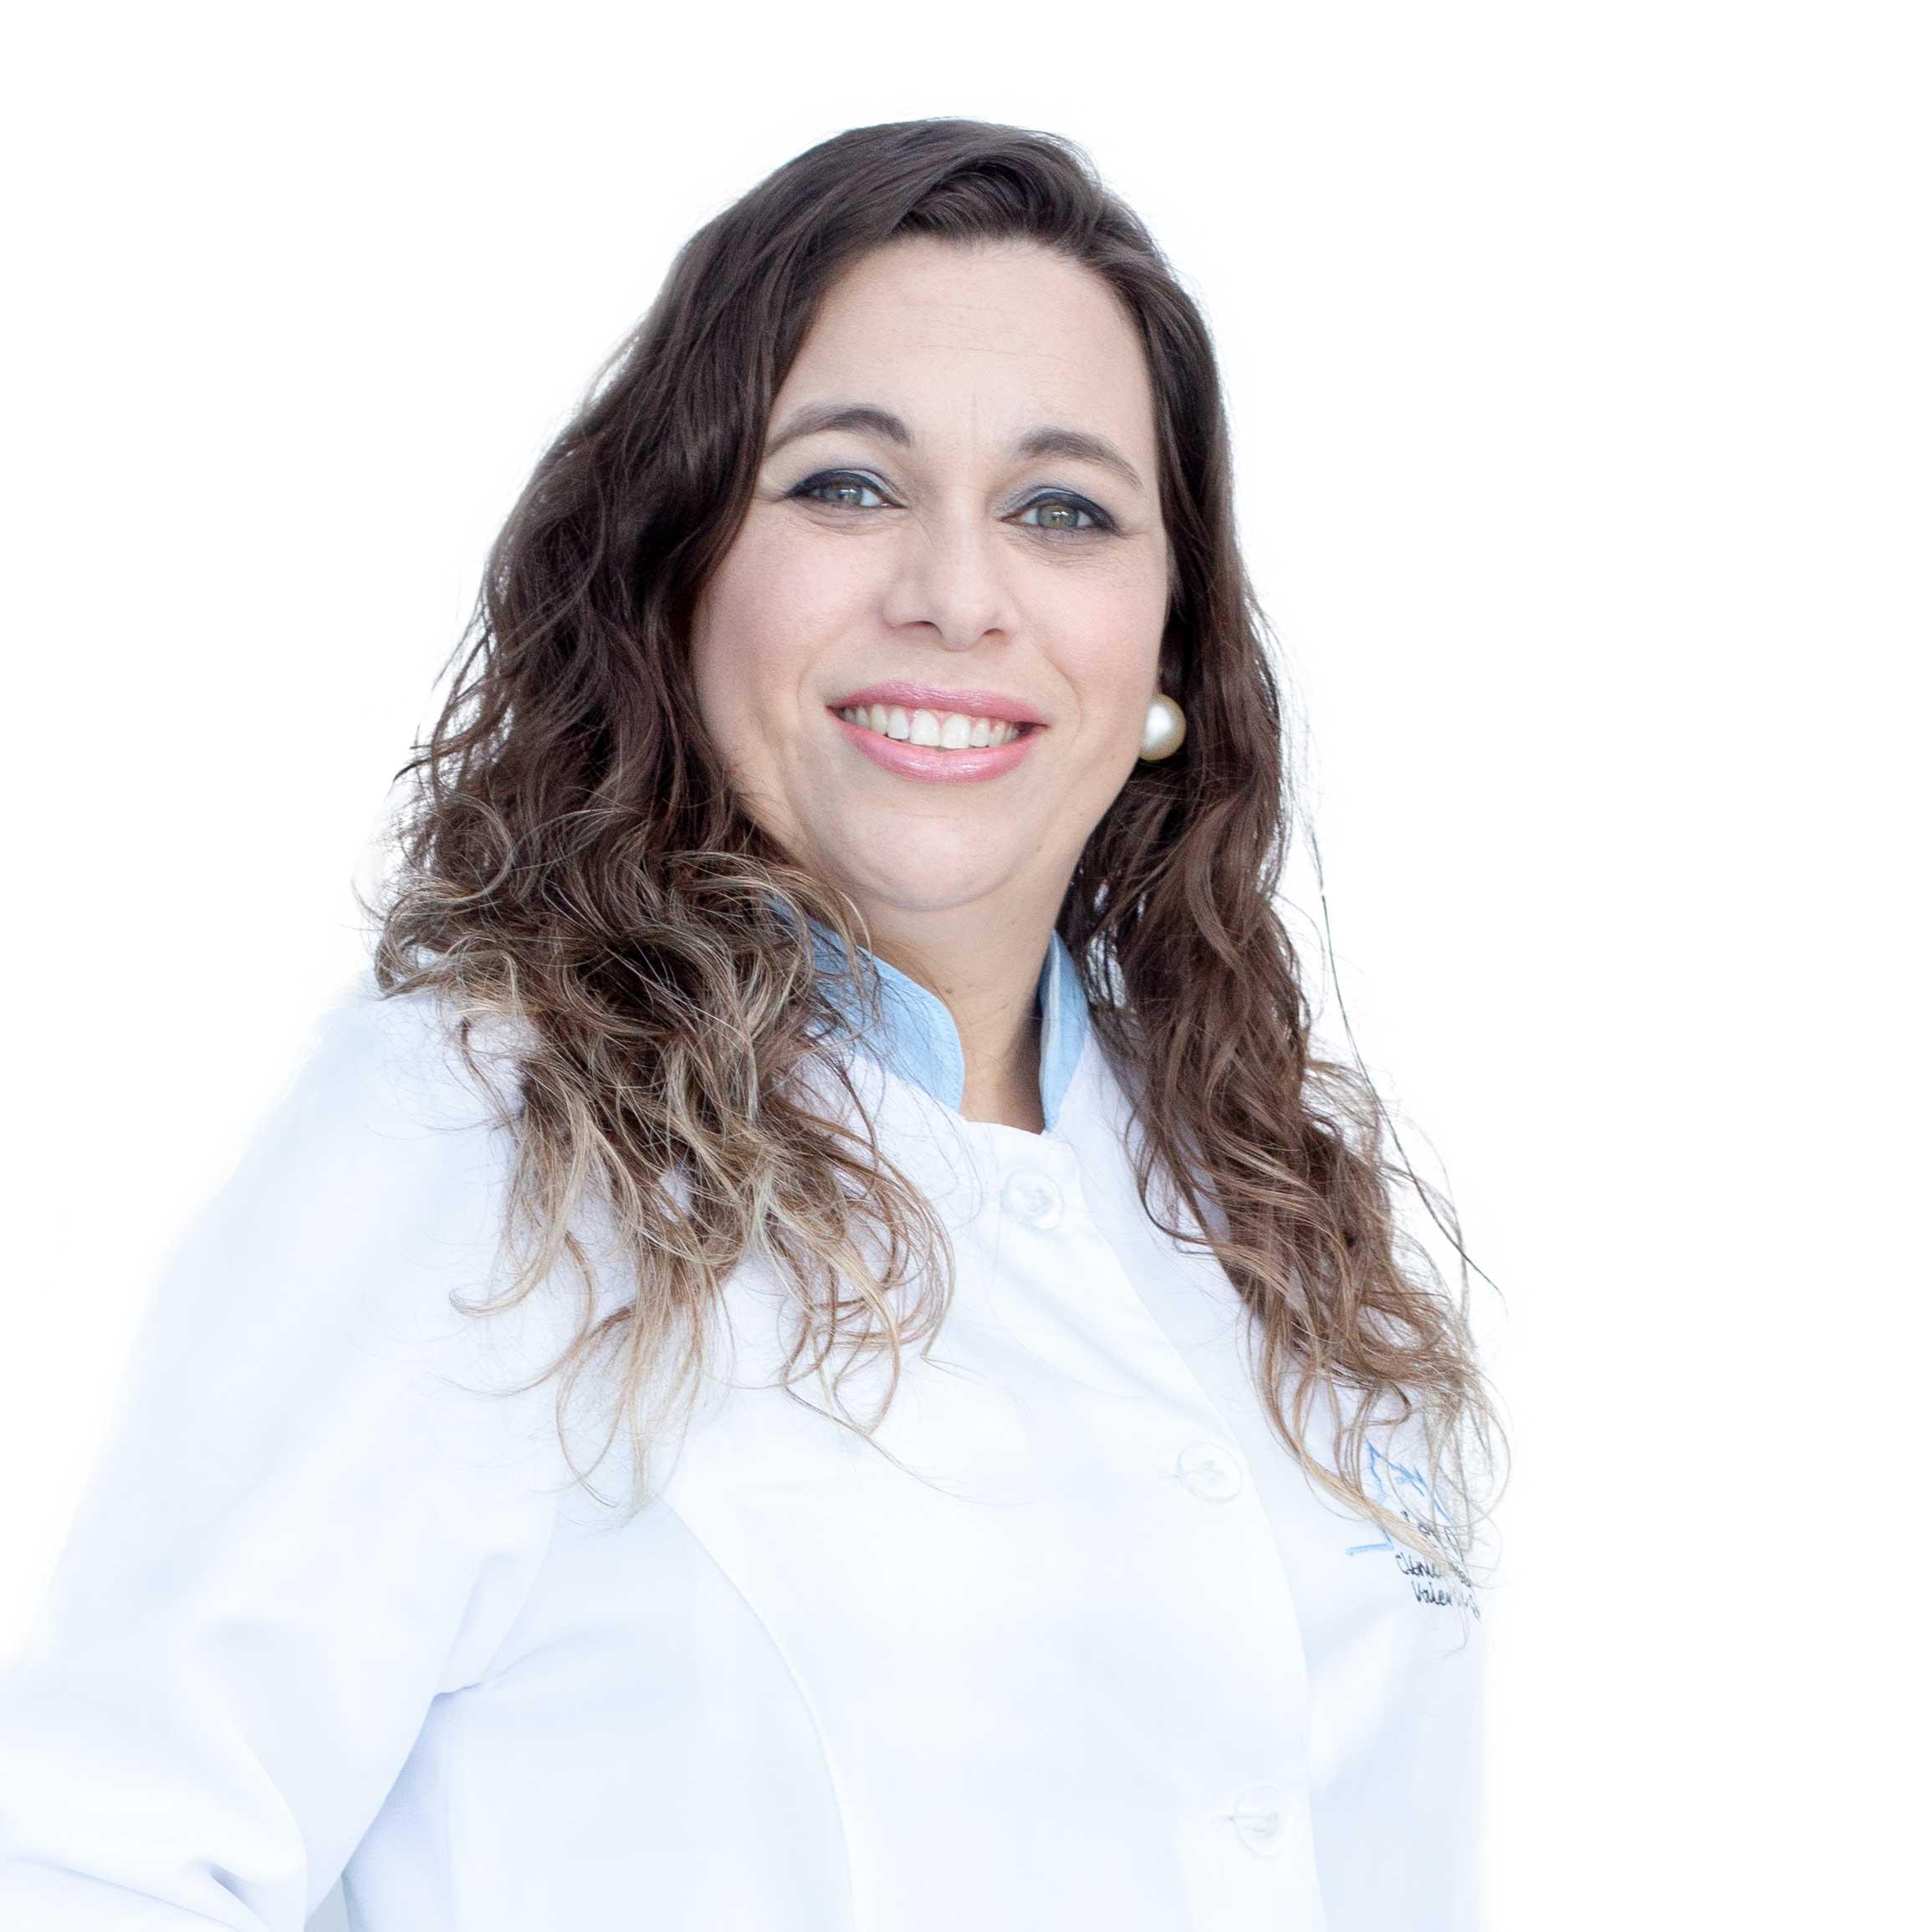 Valeria Queiroz